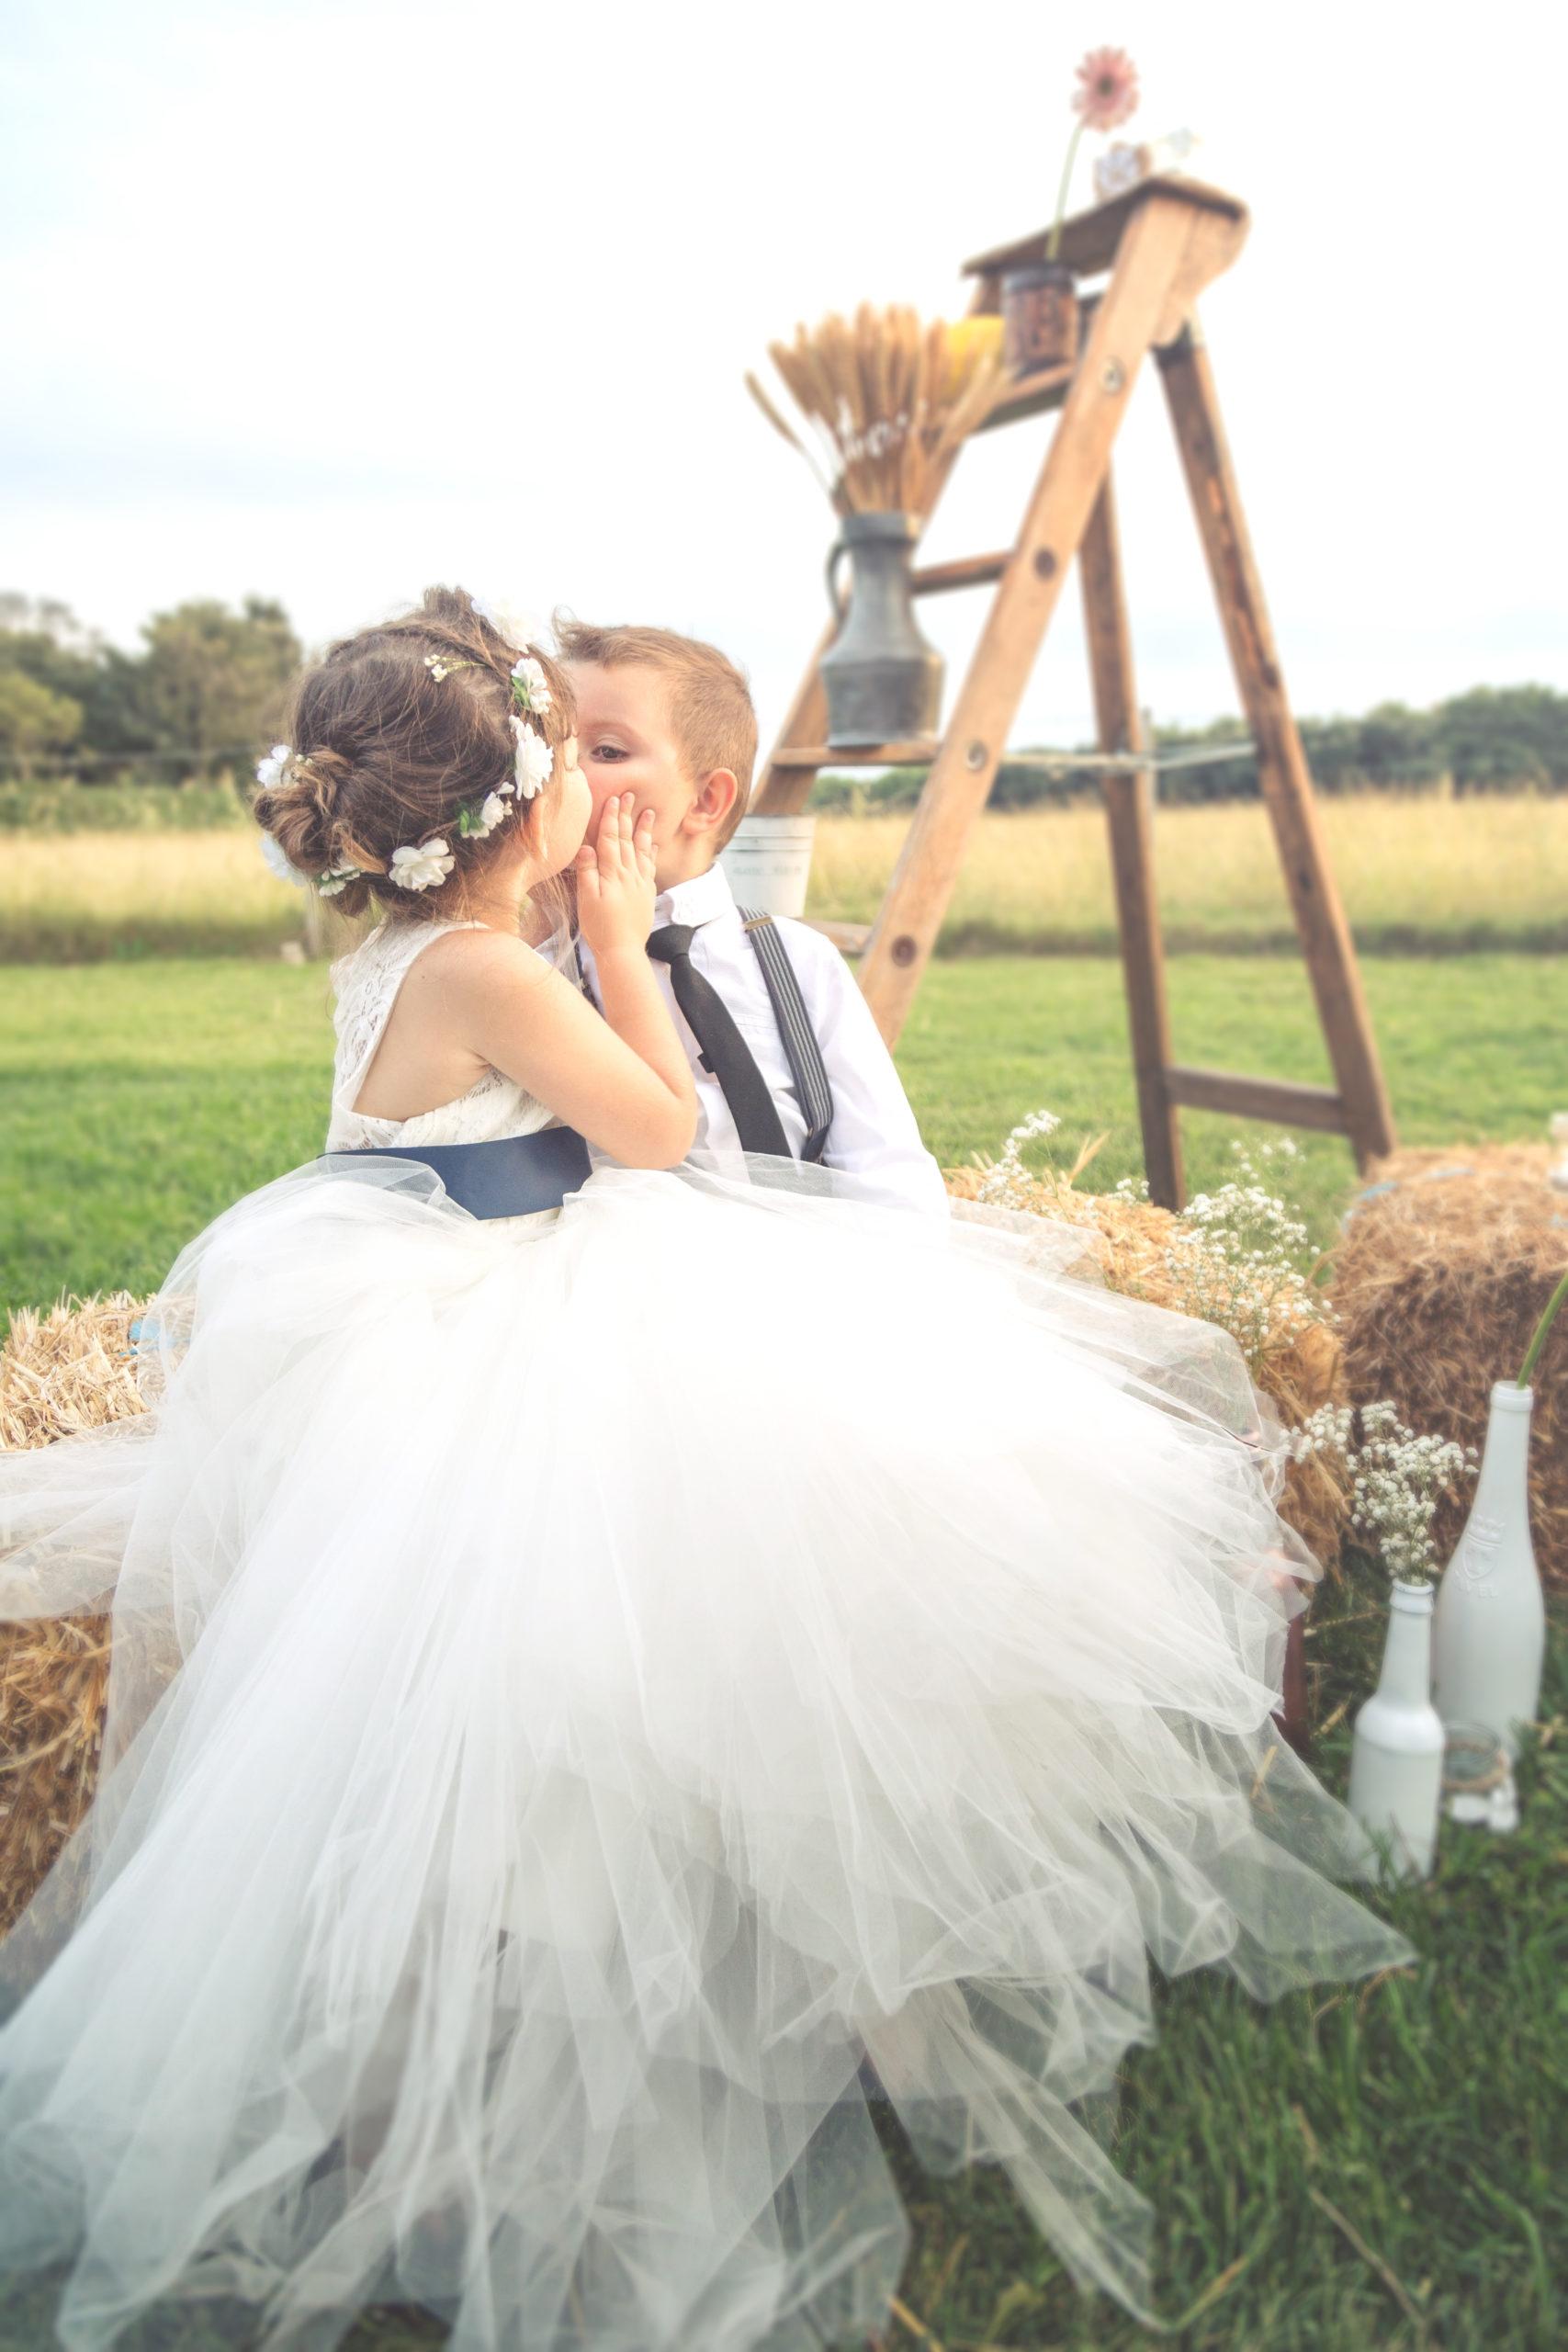 Photographe de mariage, les enfants